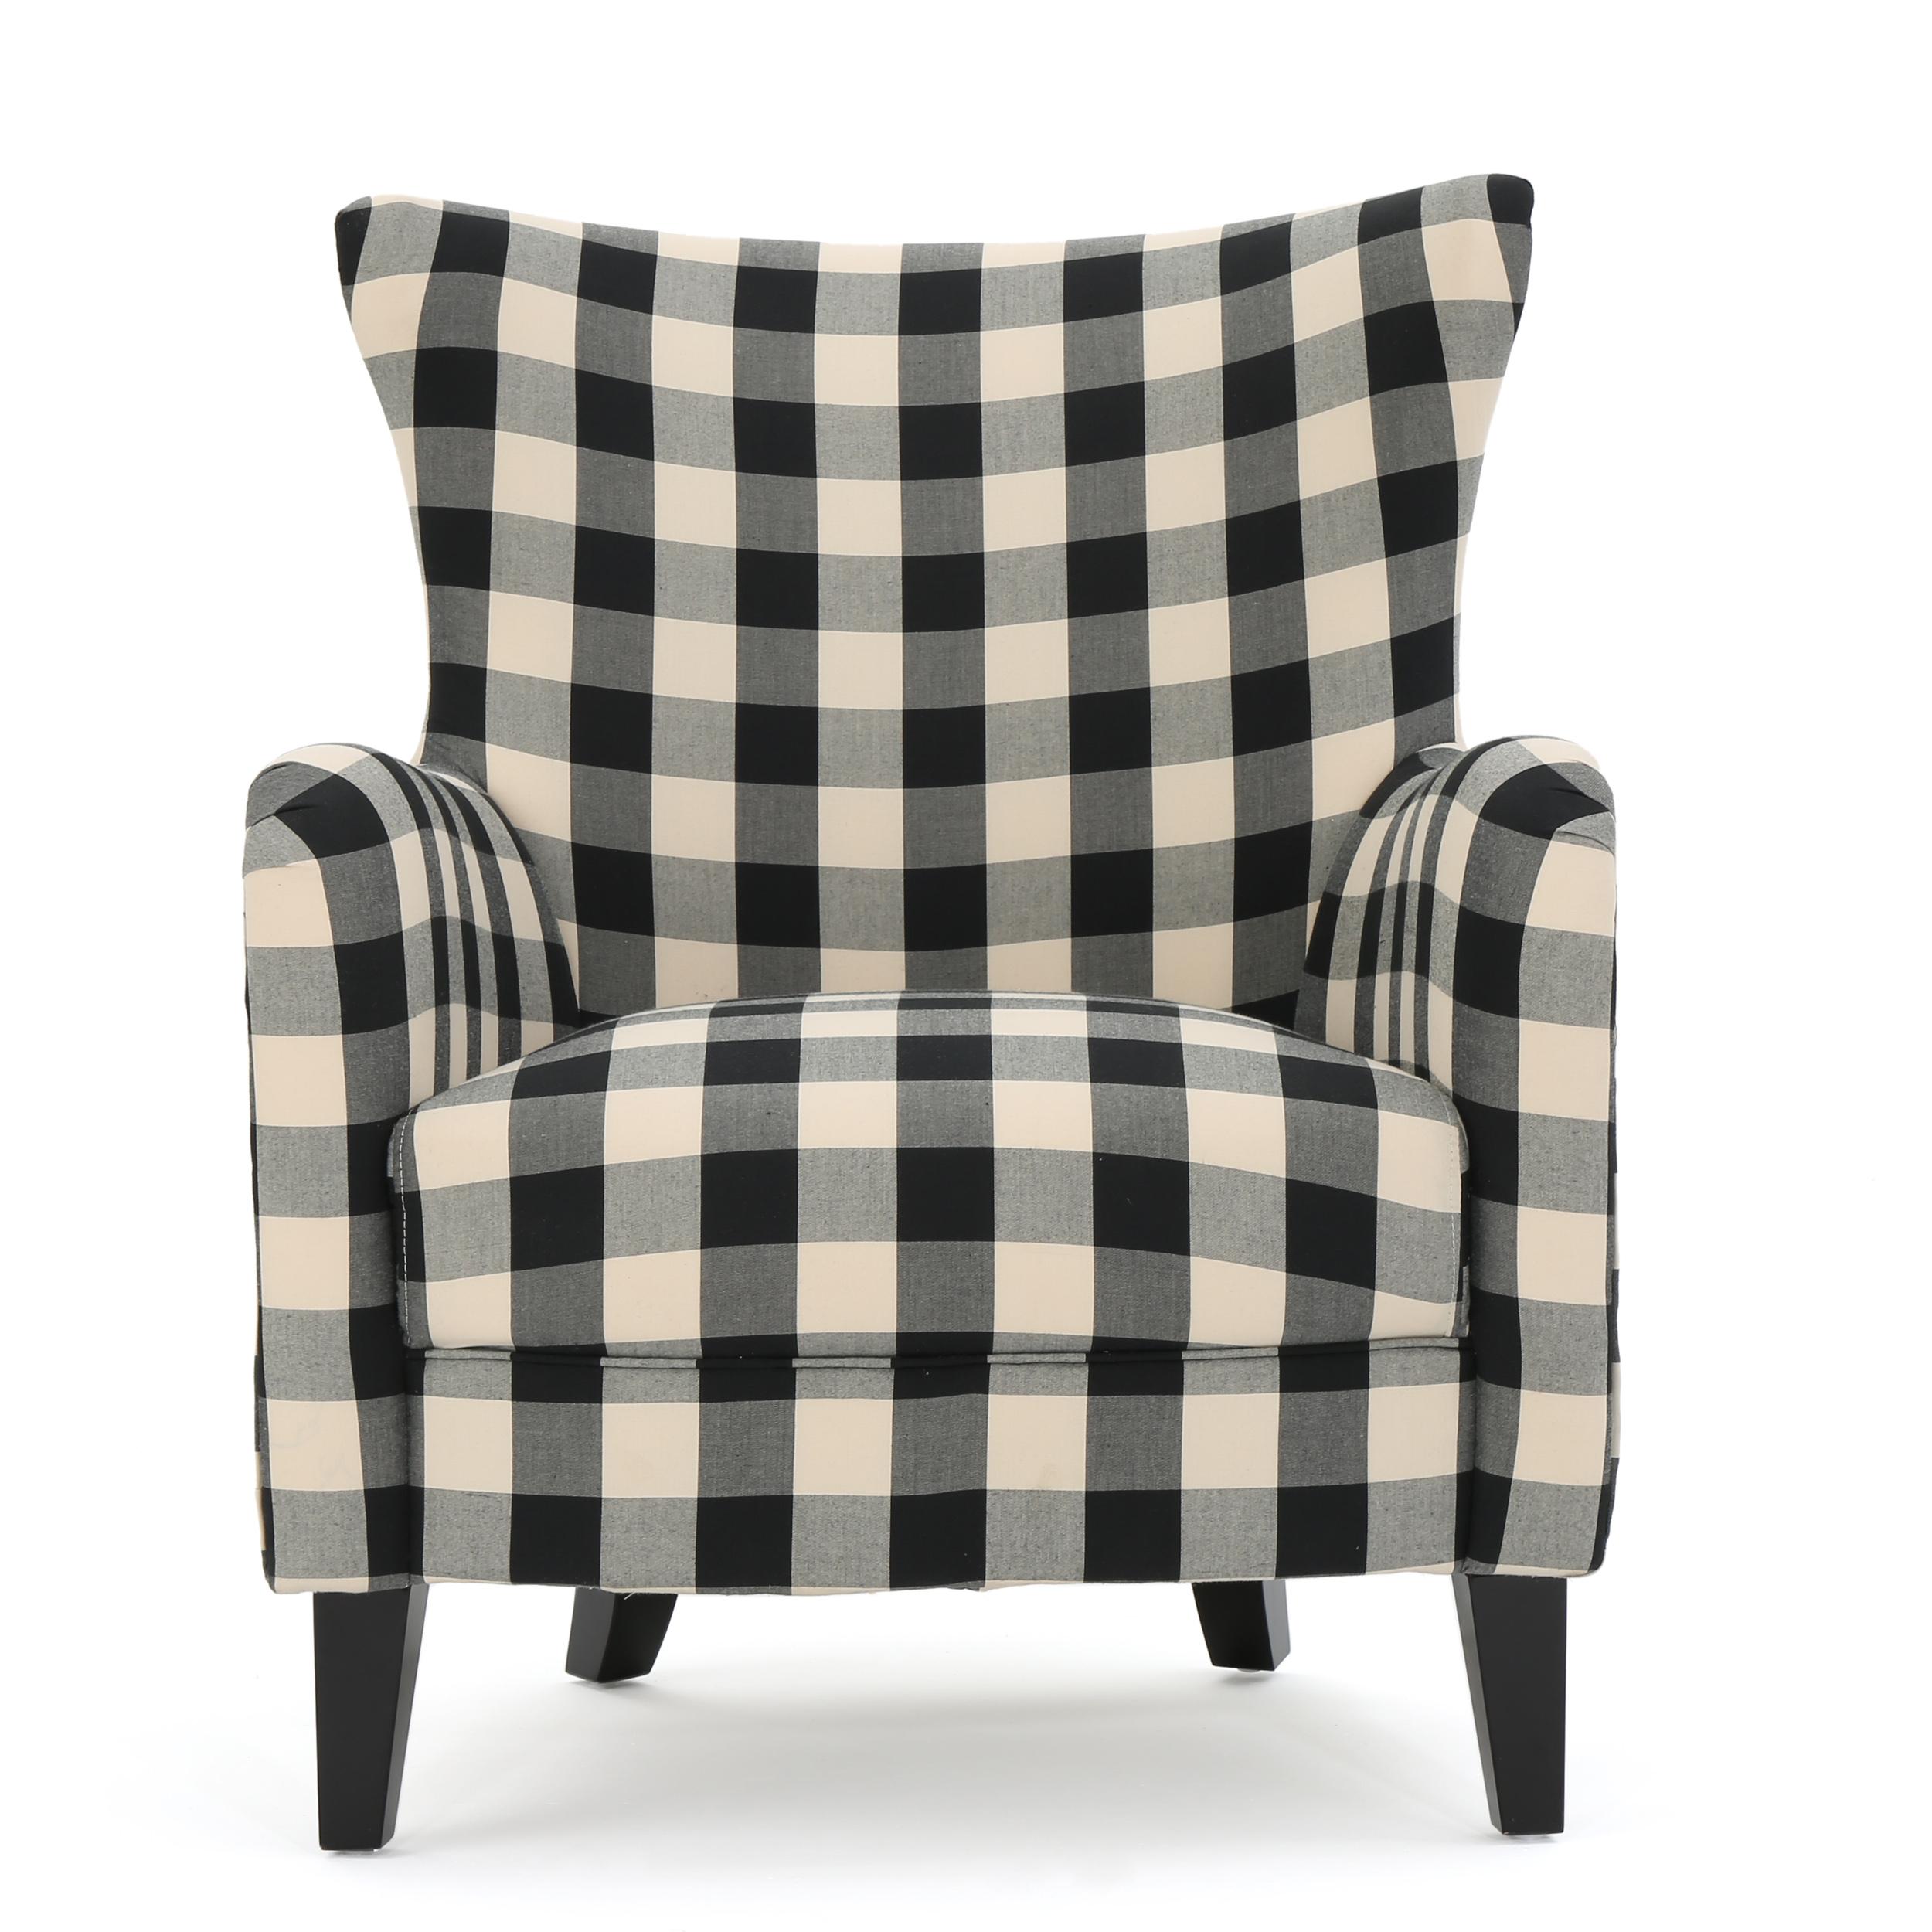 Arador Fabric Club Chair, Black & White Plaid by GDF Studio